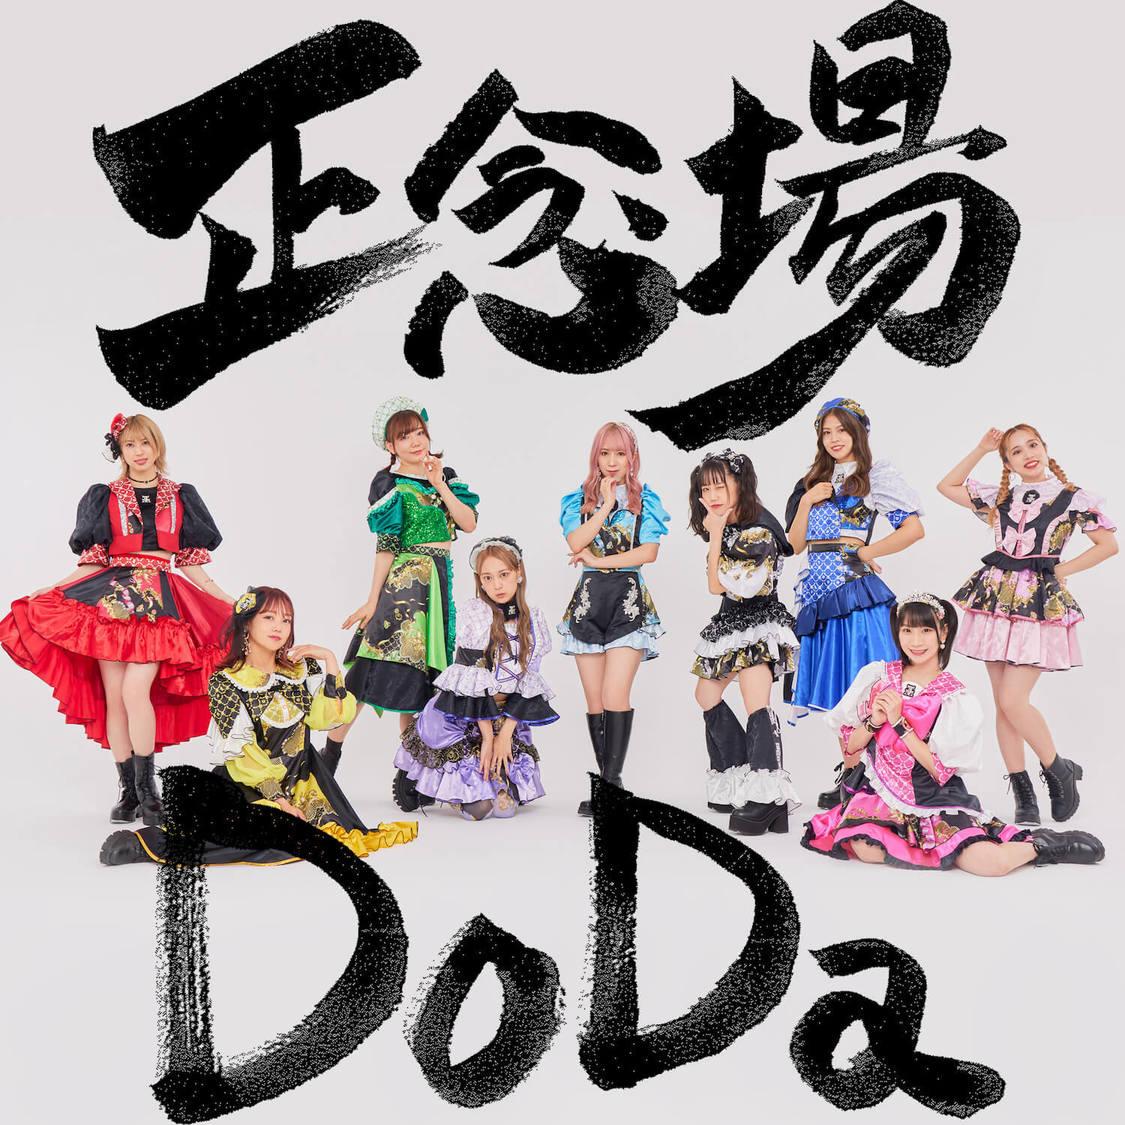 新曲「正念場 Do Da」配信ジャケット写真(©YOSHIMOTO MUSIC CO.,LTD.)